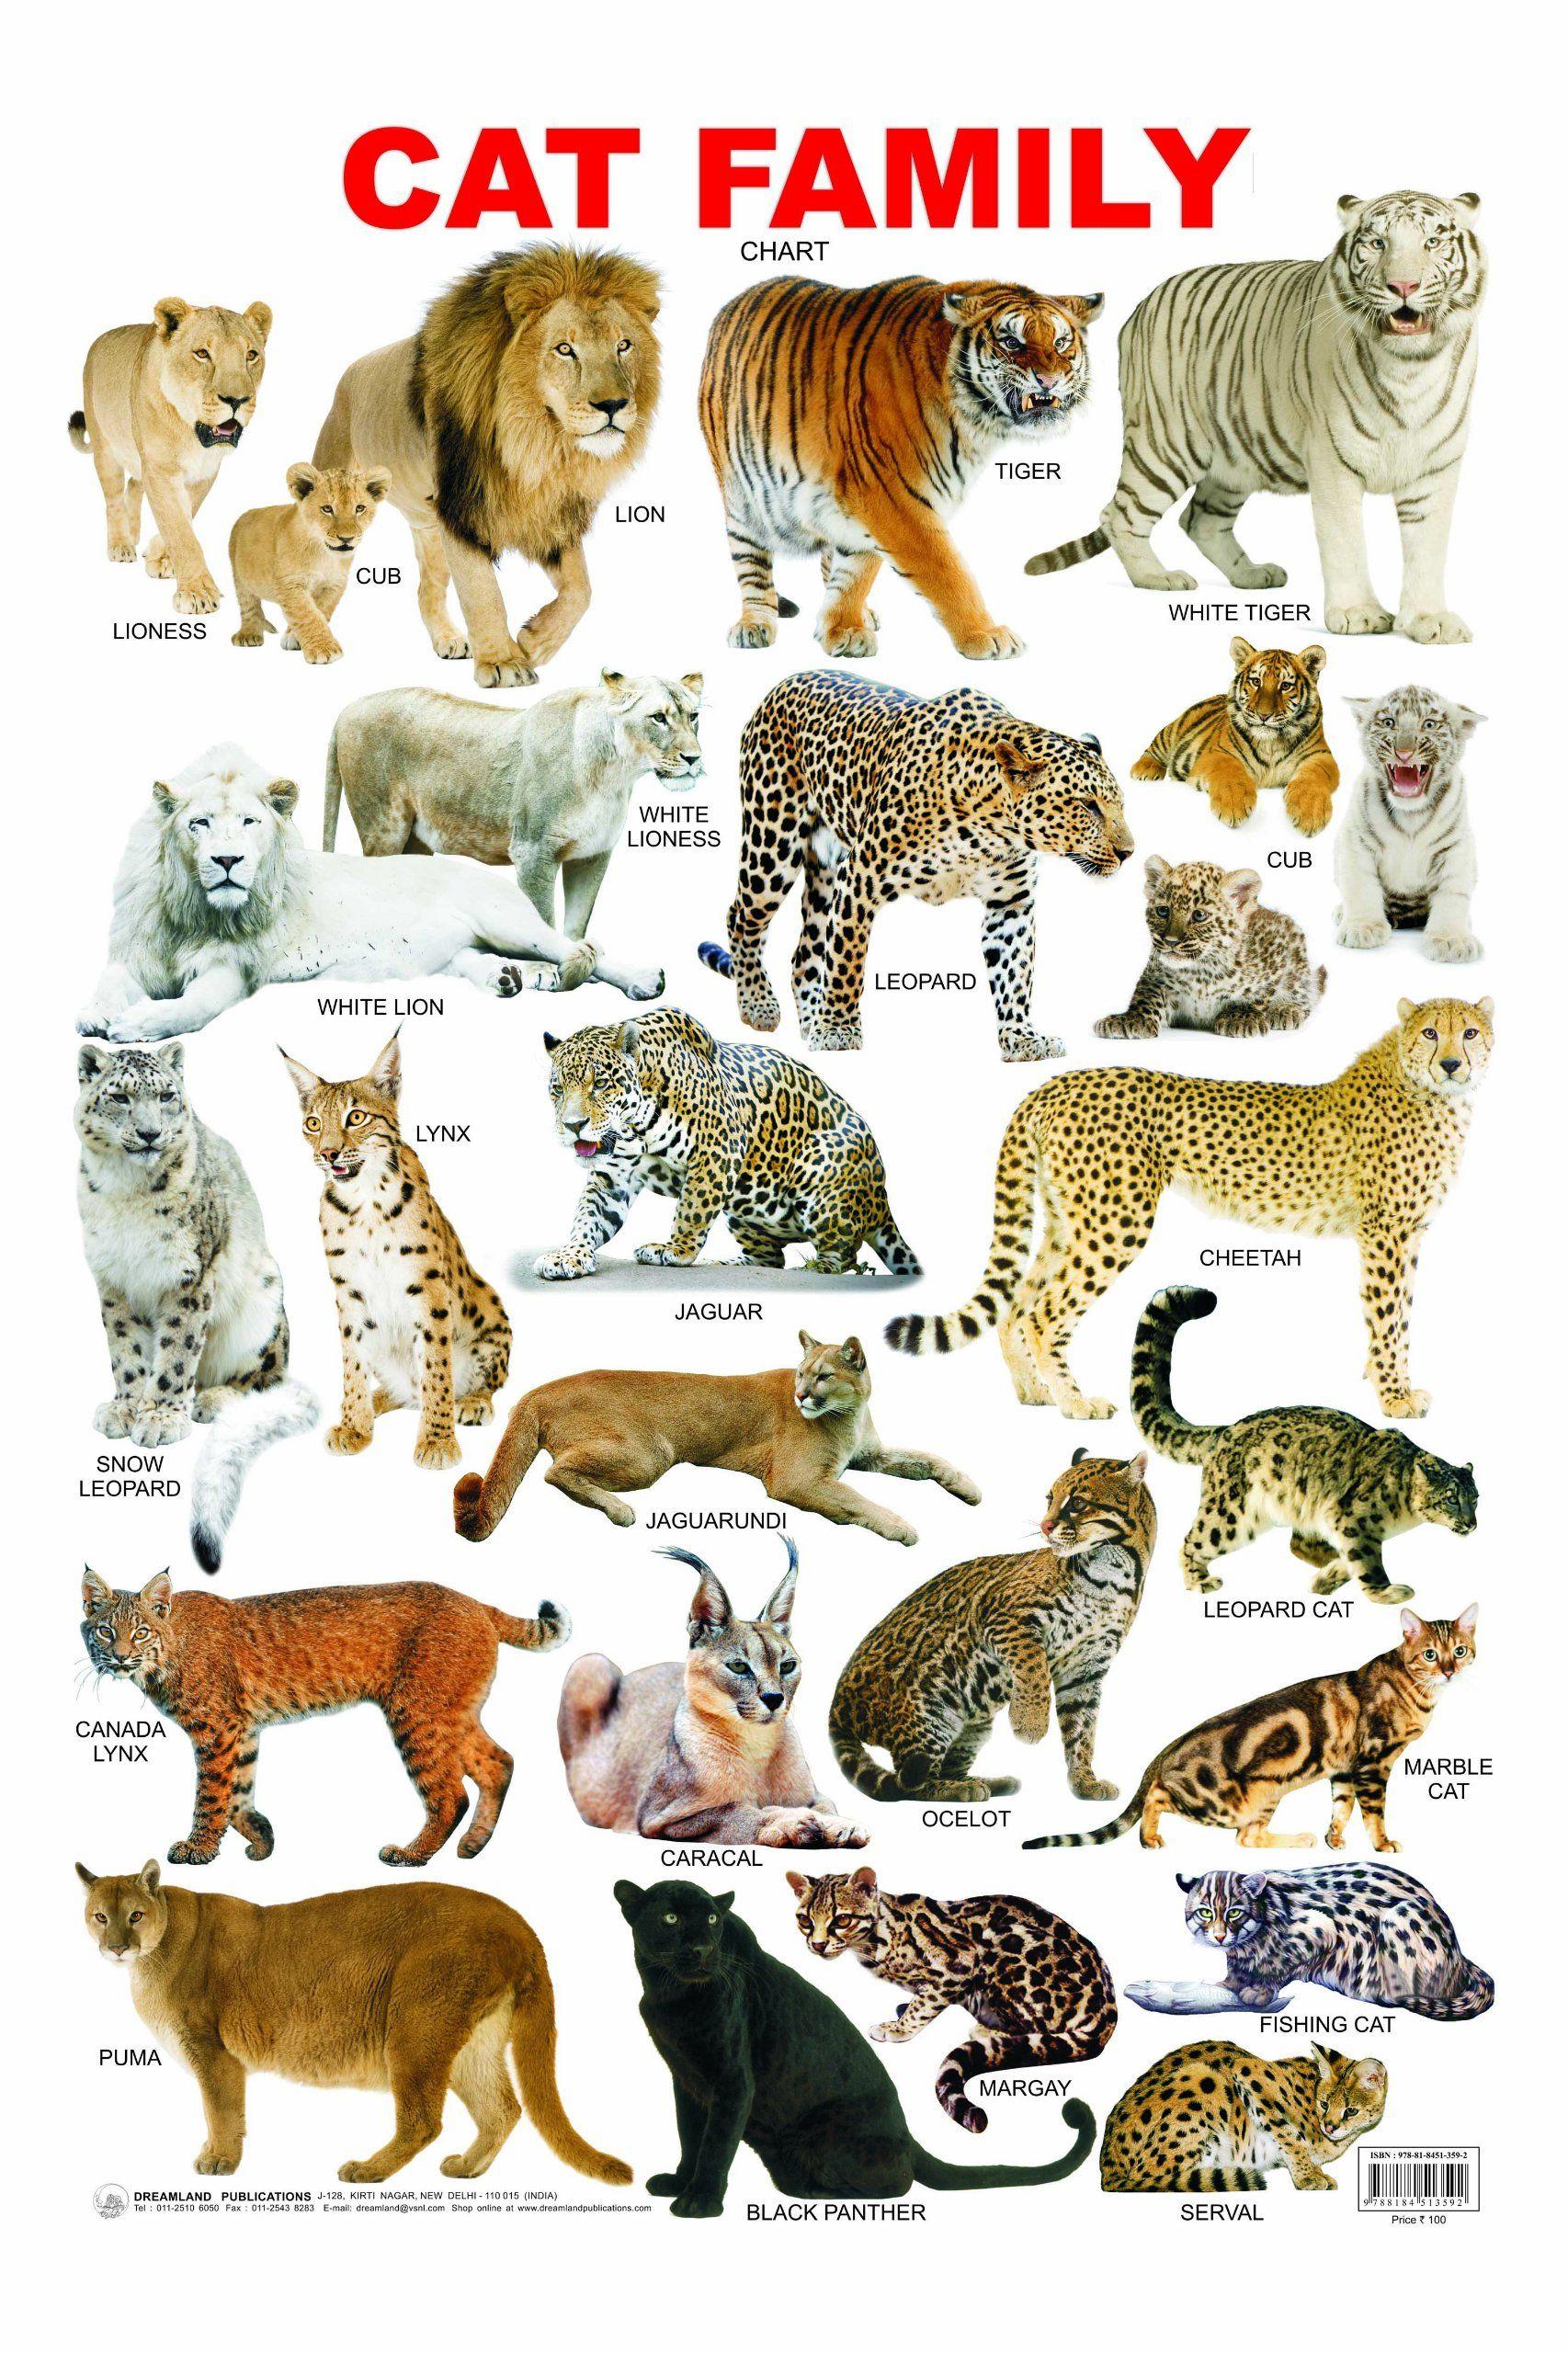 Bildergebnis für cat family chart Animals / Tiere